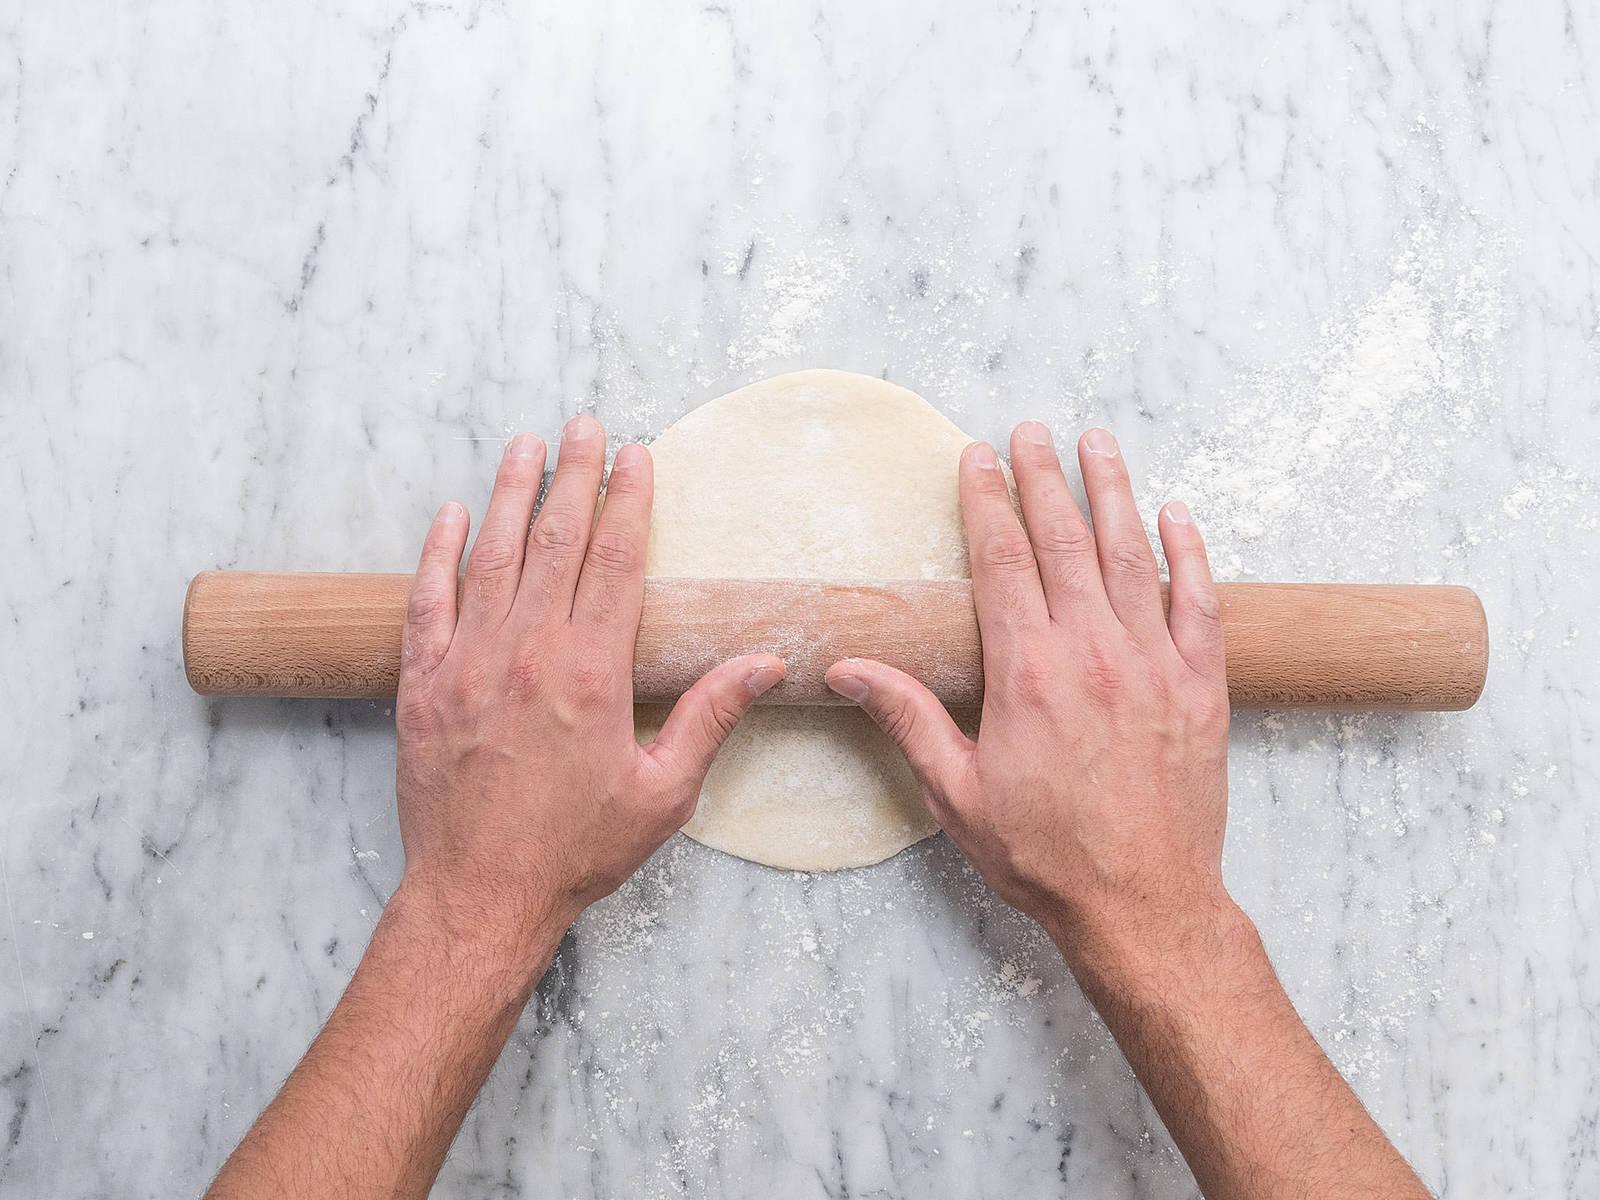 在工作台上撒上面粉,将面团分成大小相同的圆饼。用擀面杖将每一个小面团擀成0.5厘米厚的圆形面皮。